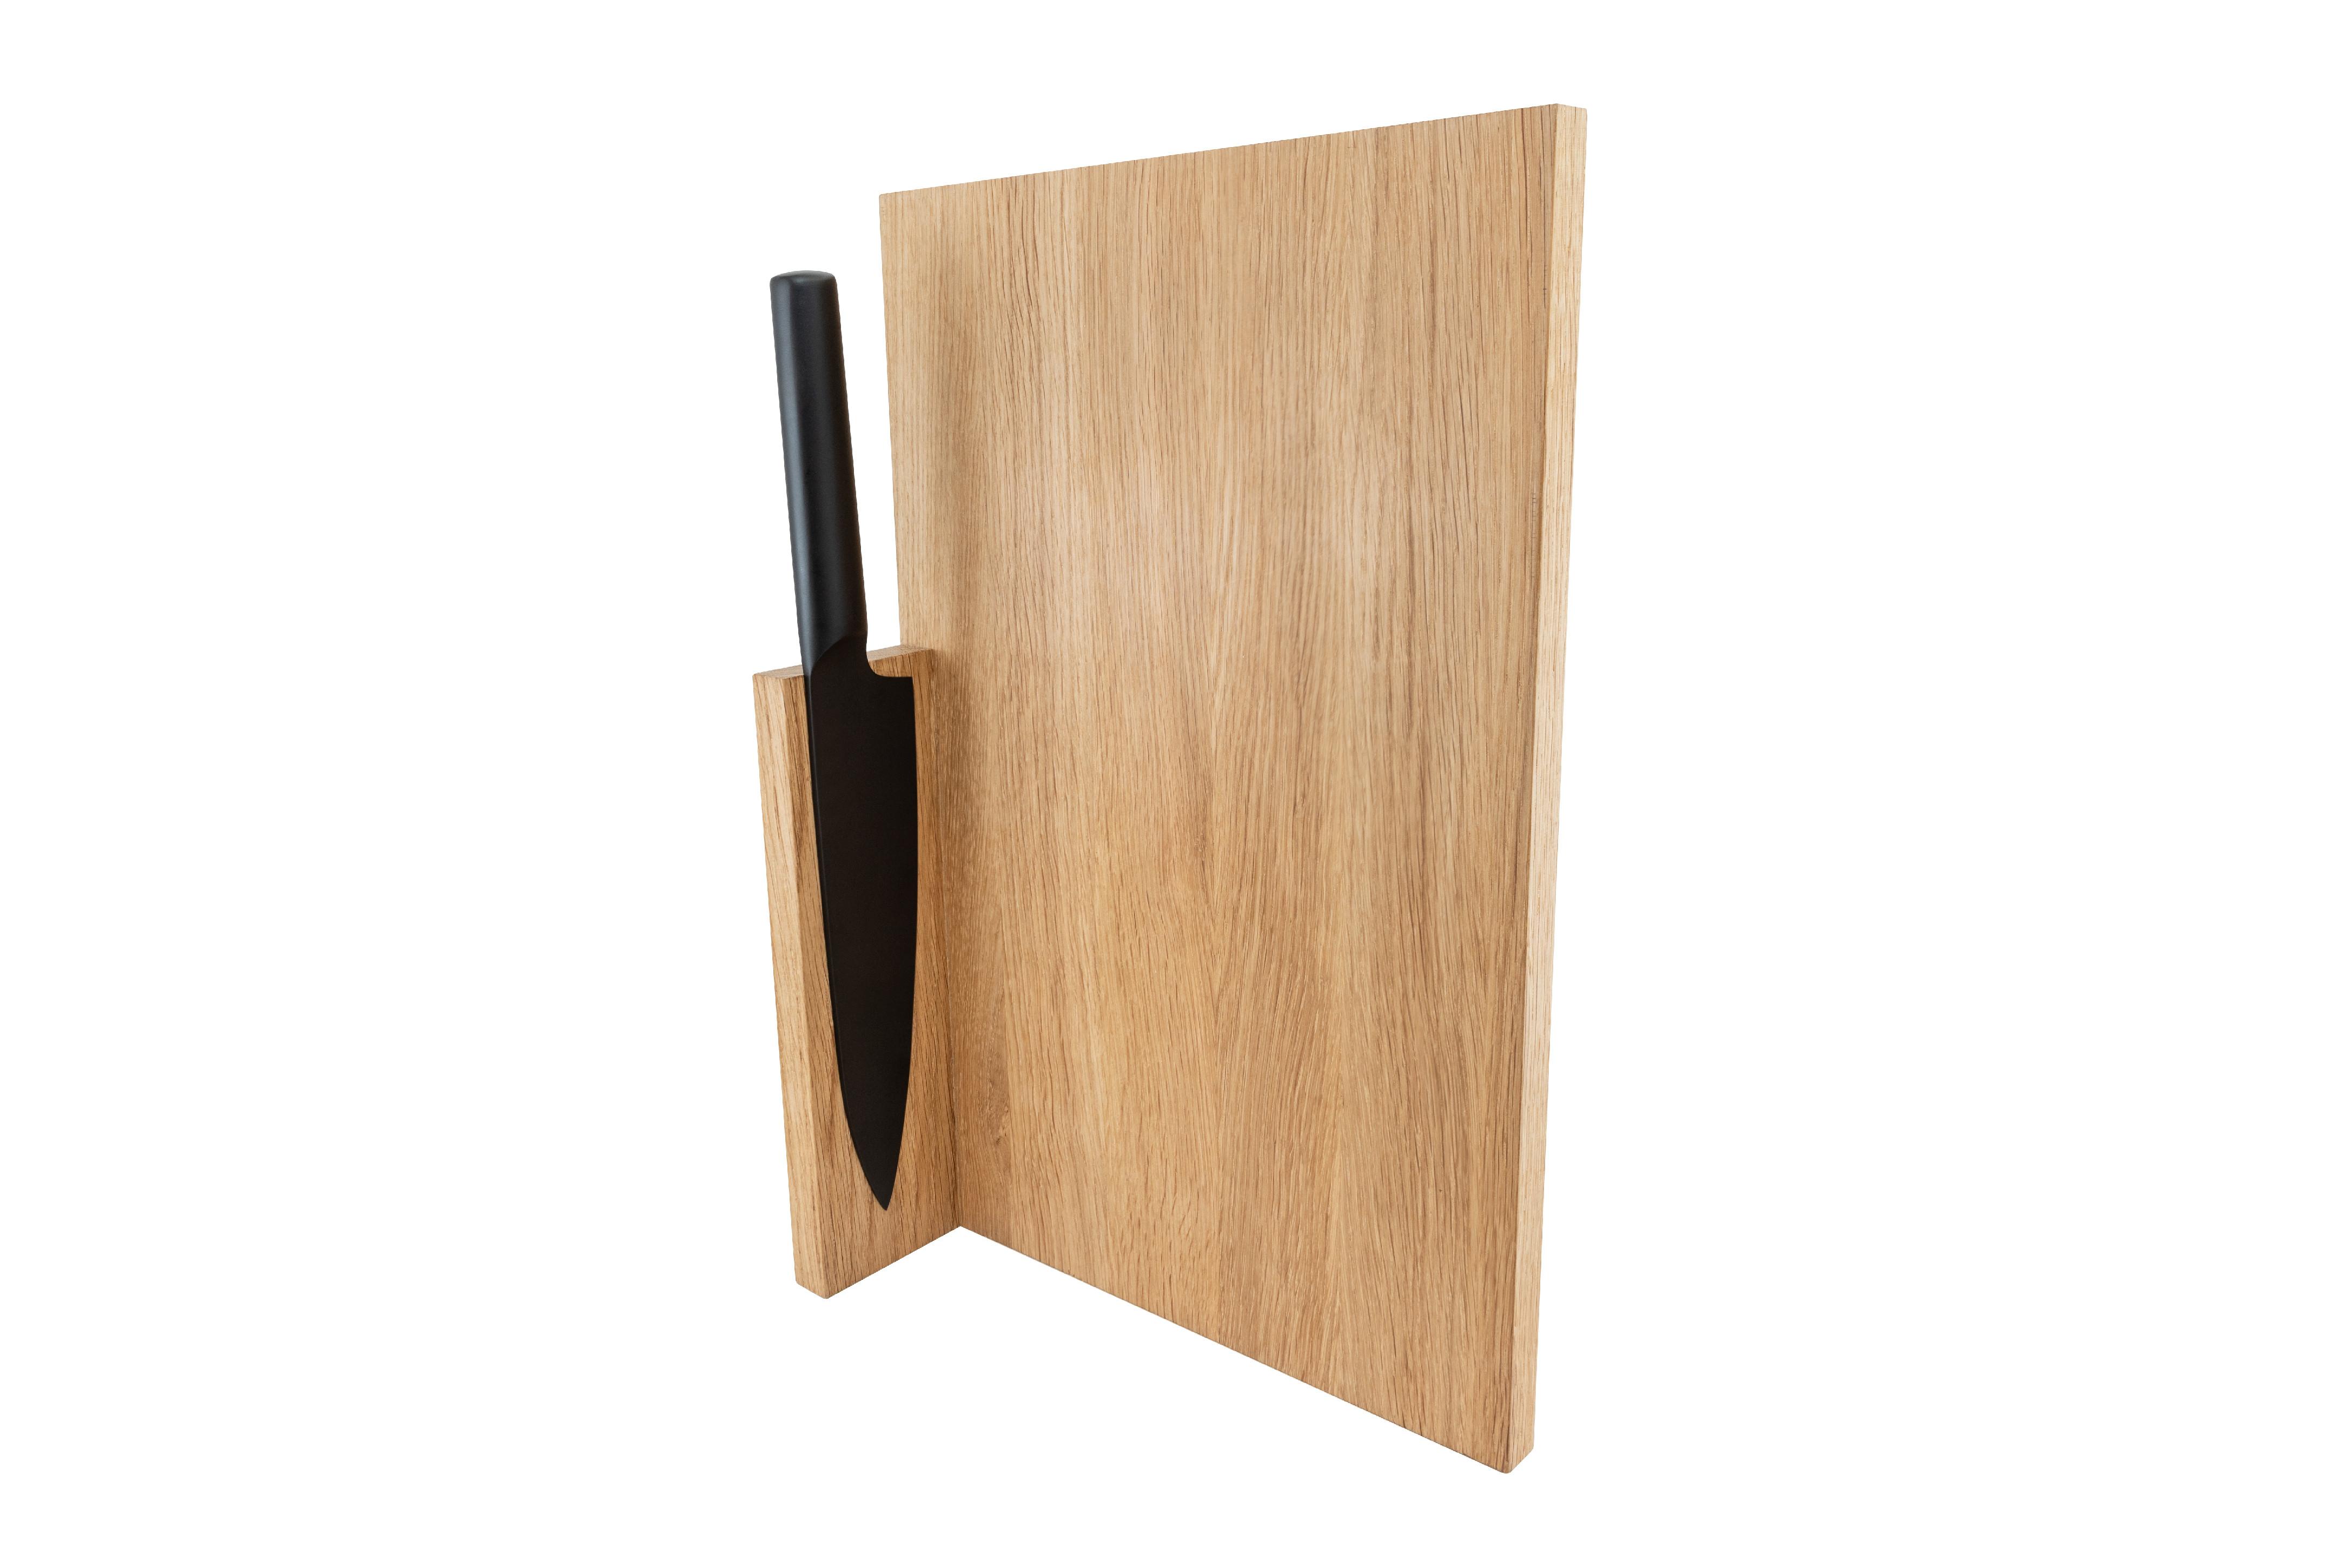 Kuchyňské prkénko Chef's Board Large s nožem CLAP DESIGN